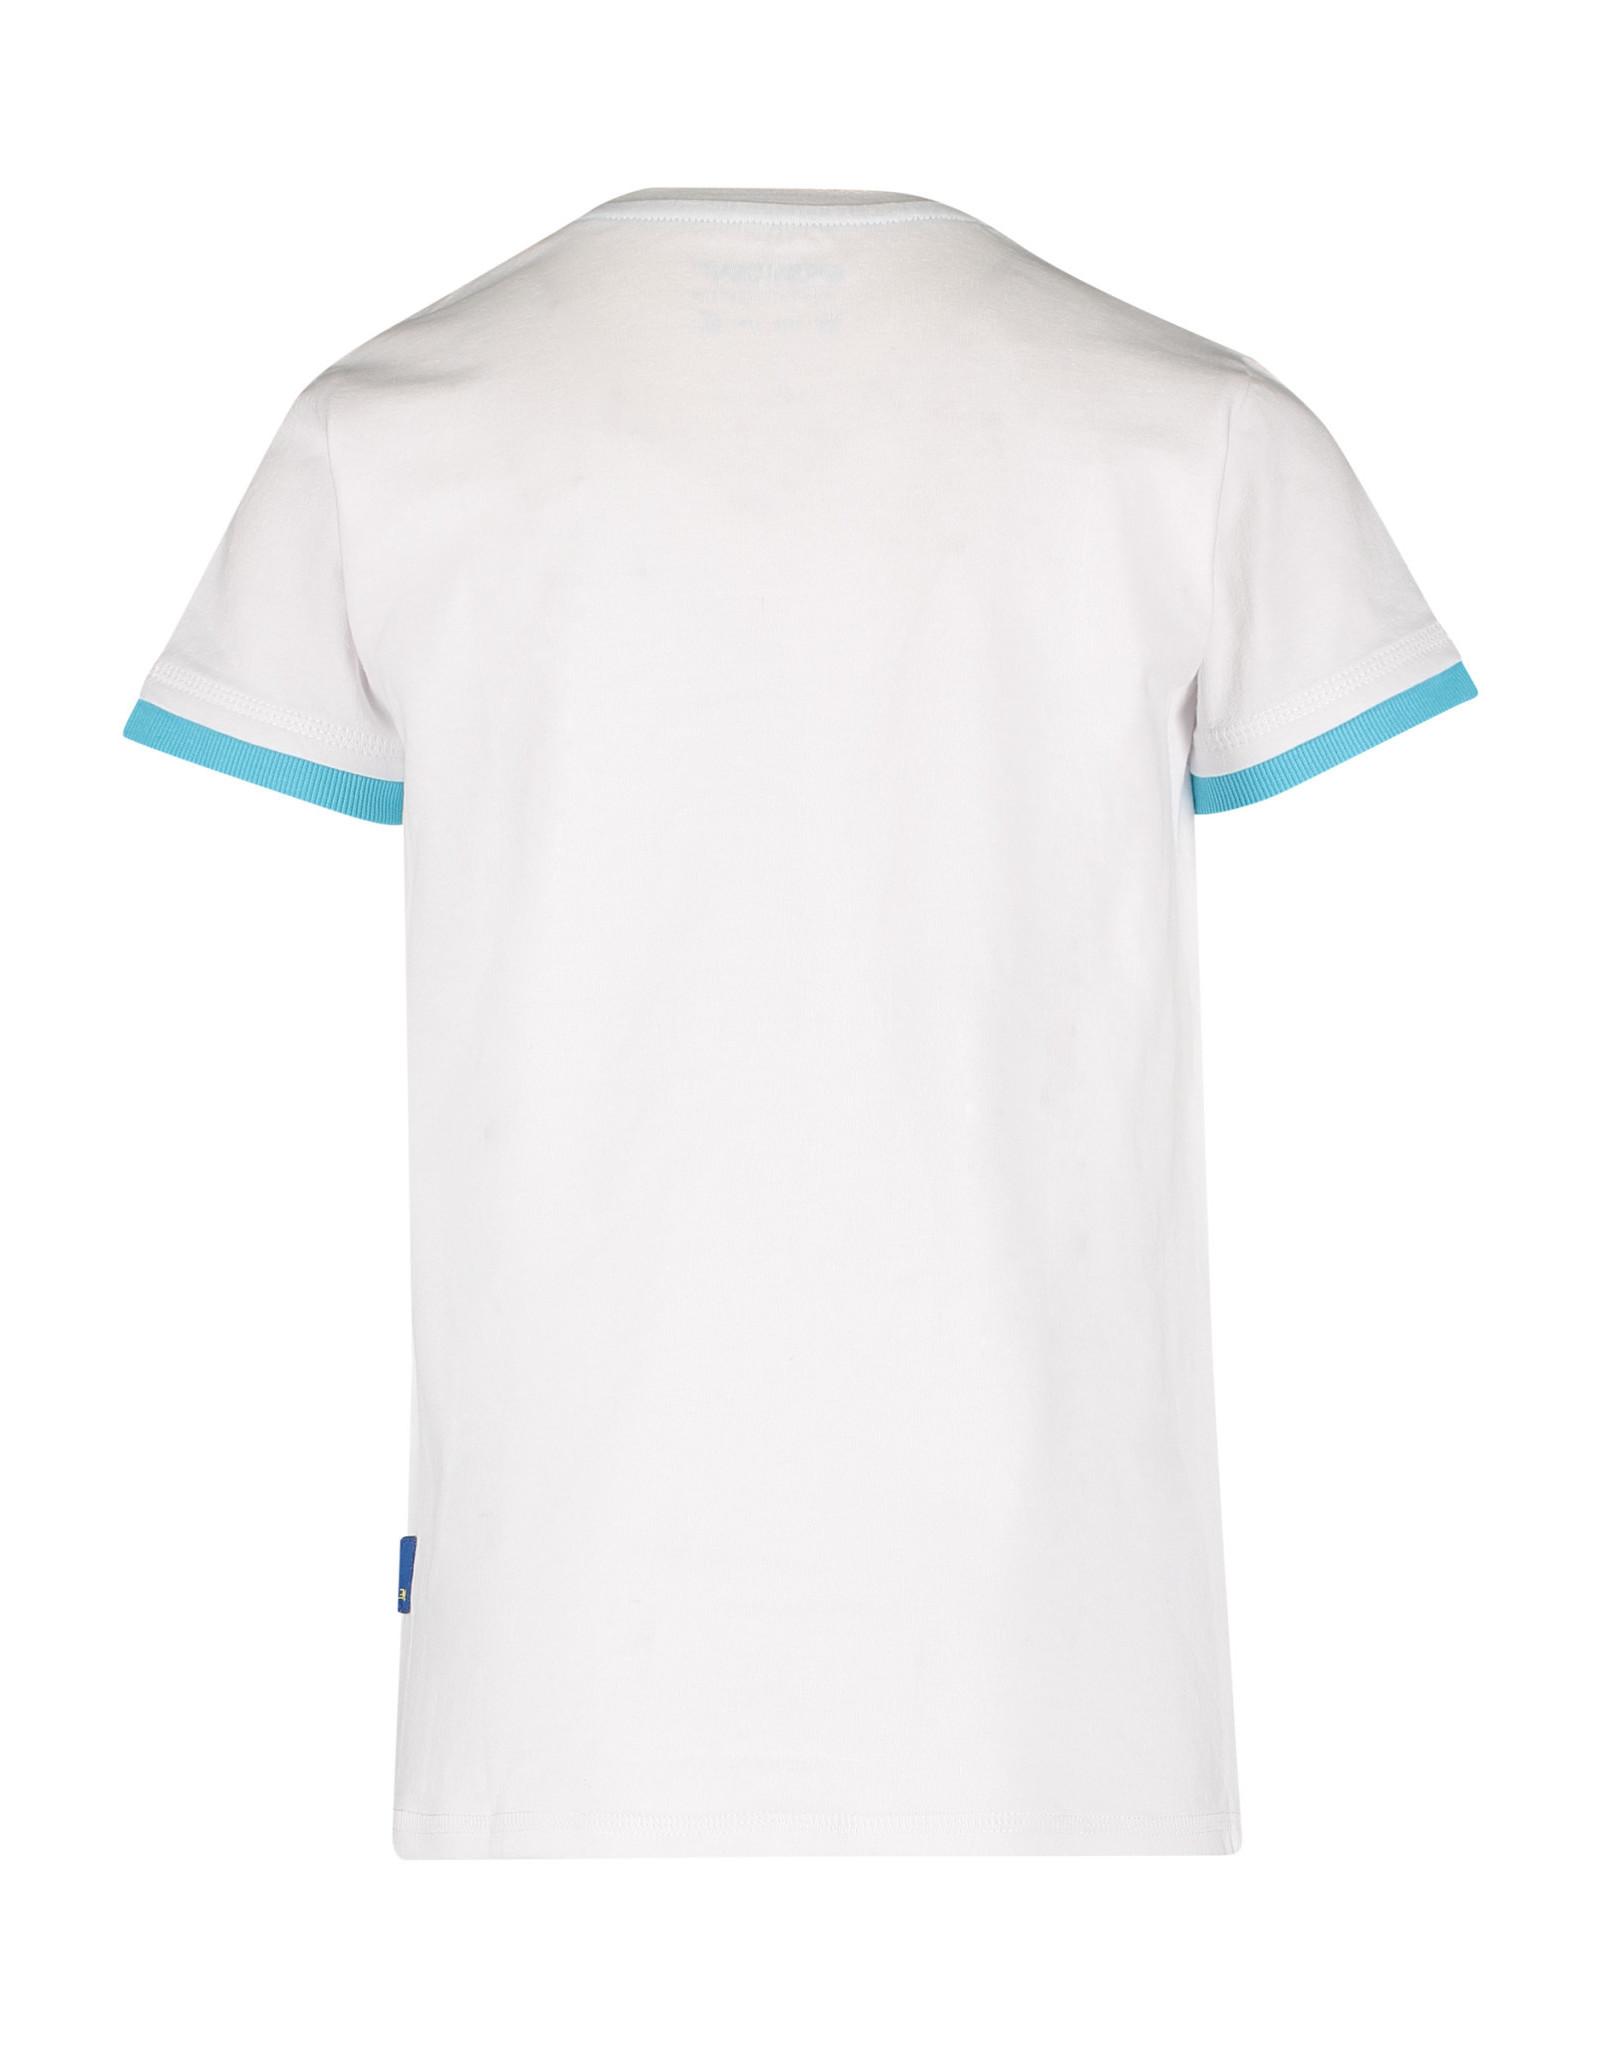 4President 4President jongens t-shirt Kadin White